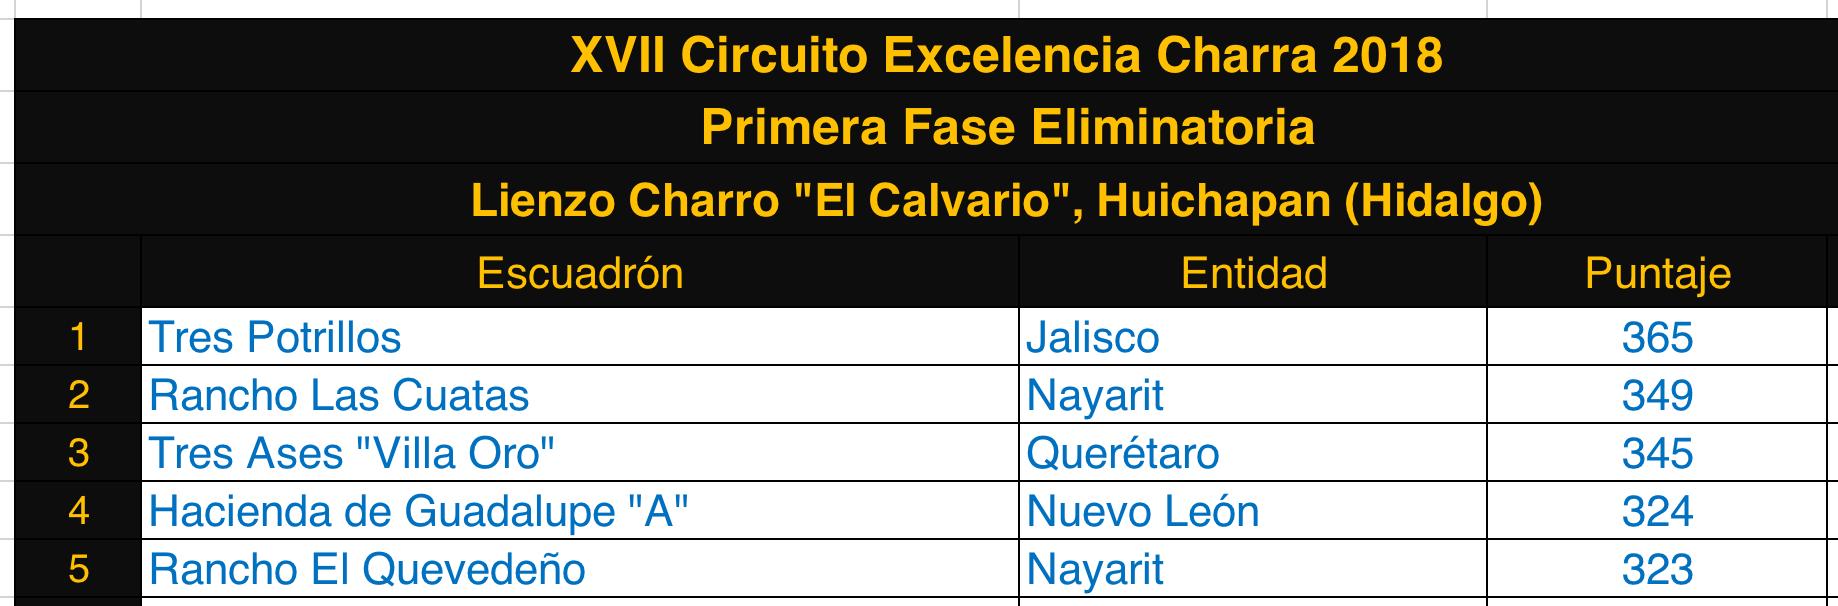 Convocatoria del Circuito Excelencia Charra 2018